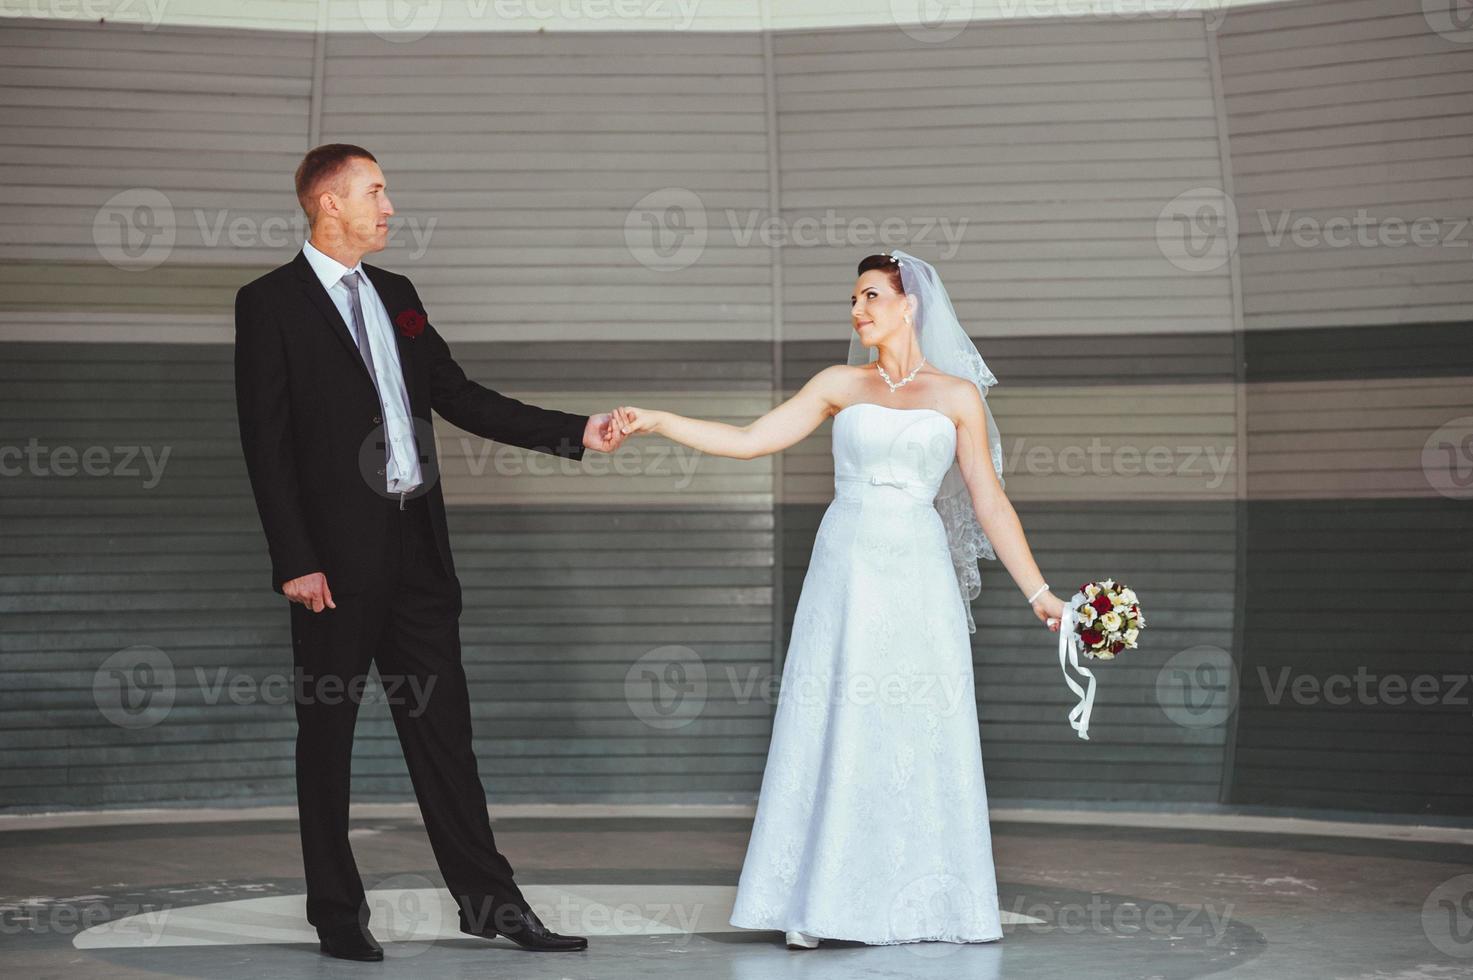 danse de mariage en plein air. les danseurs adorent voler photo